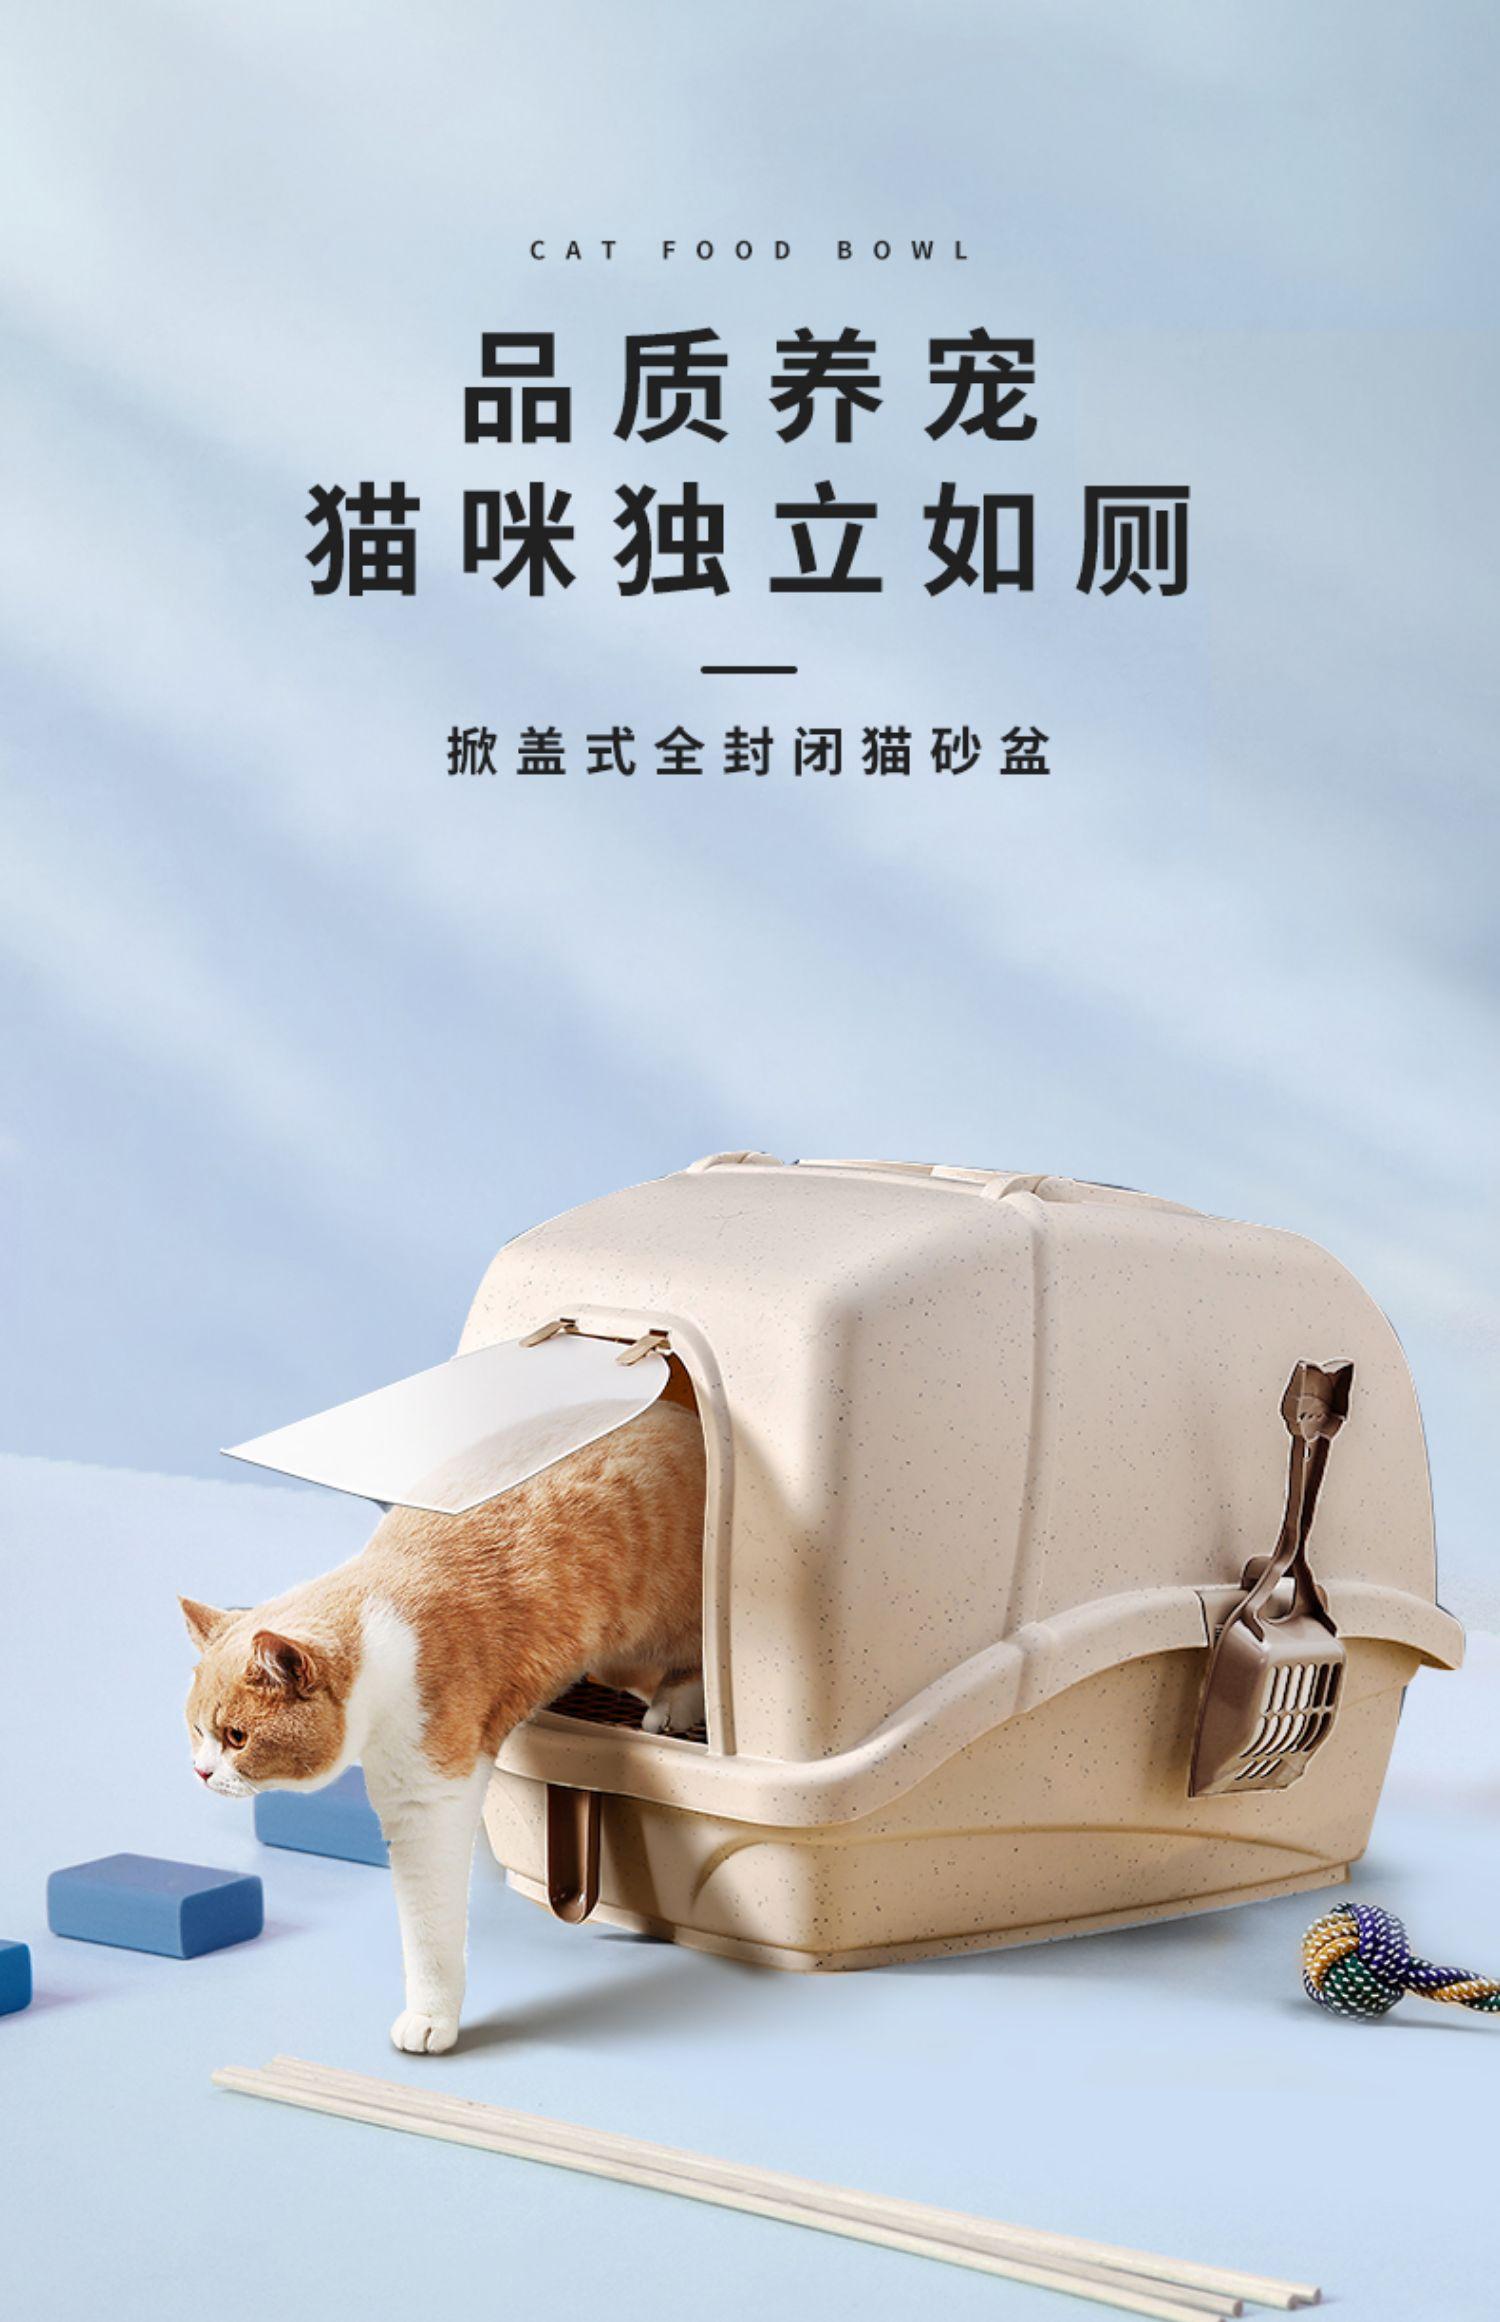 猫砂盆全封闭式双层猫厕所防外溅漏拉屎尿盆特大号猫沙盆猫咪用品商品详情图